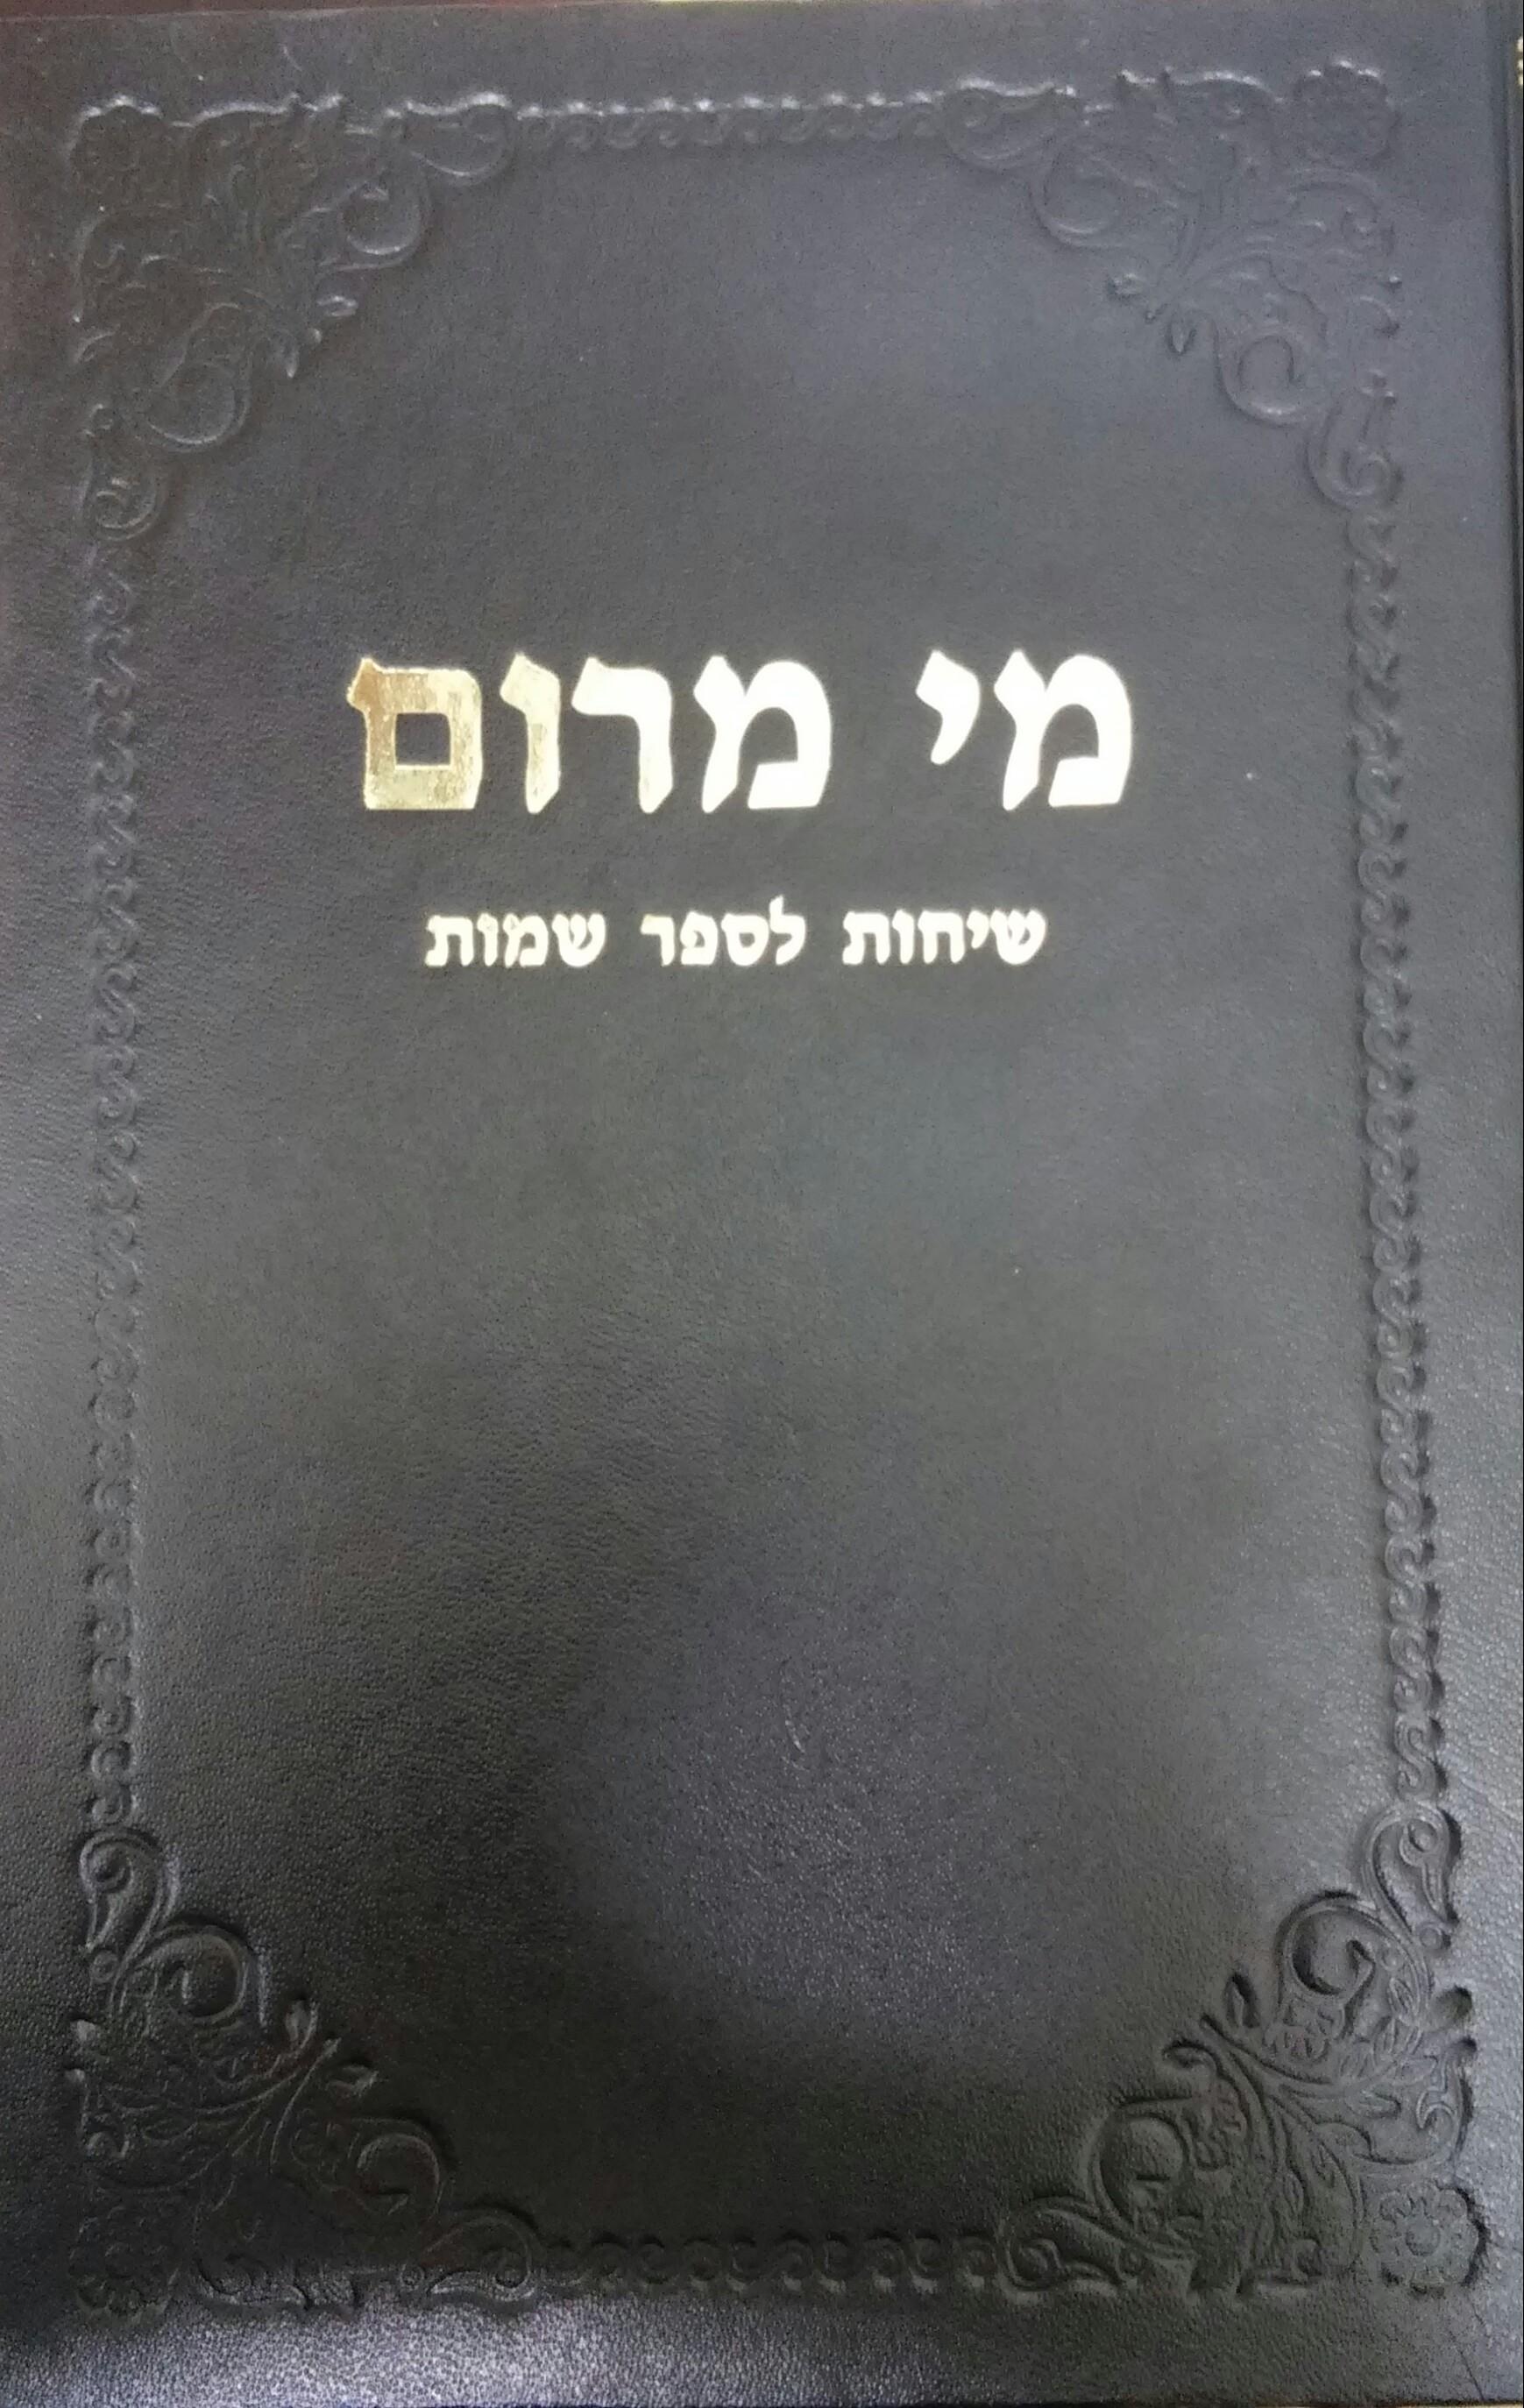 מי מרום חלק ח -ספר שמות